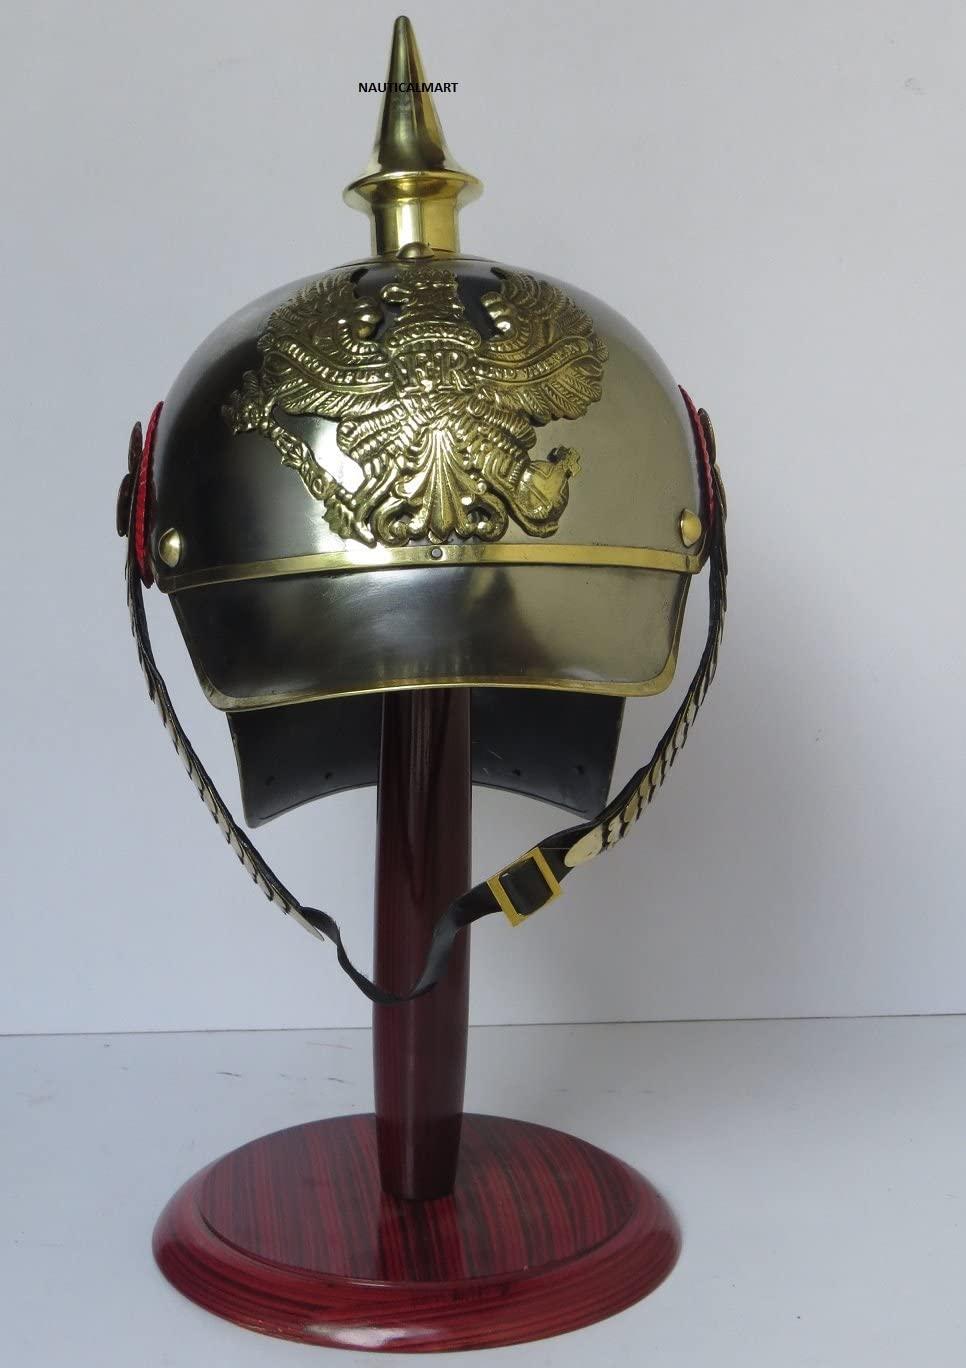 NauticalMart Designer Nautical Handcraft German PICKELHAUBE Helmet Beautiful Prussian Spike Helmet